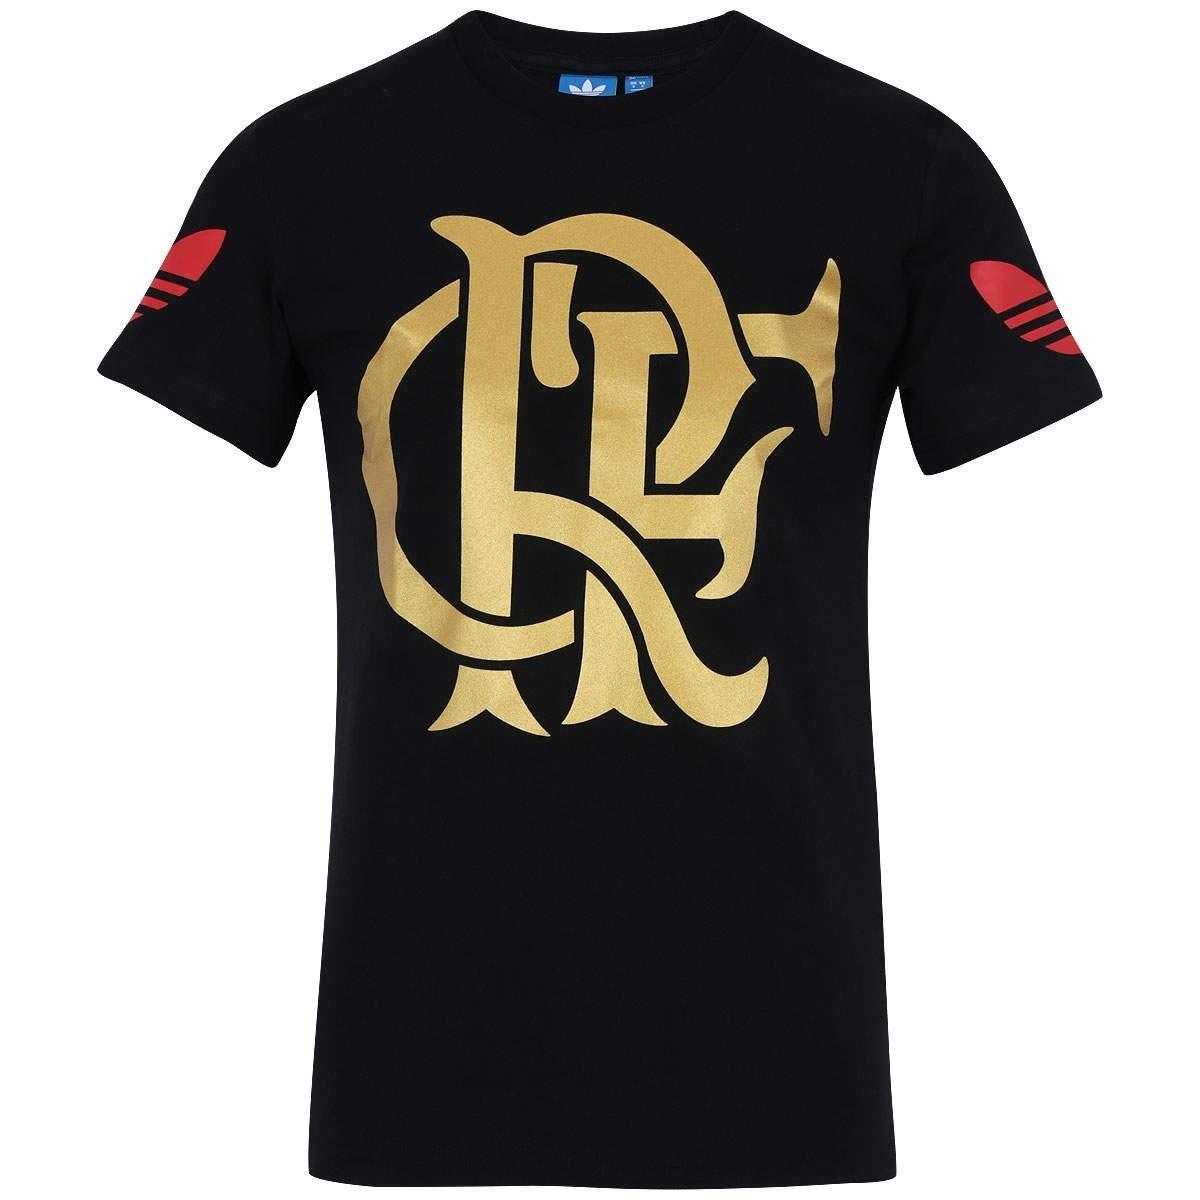 ff1c9a3a687 camisa flamengo preta algodão adidas dourada original 2016. Carregando zoom.